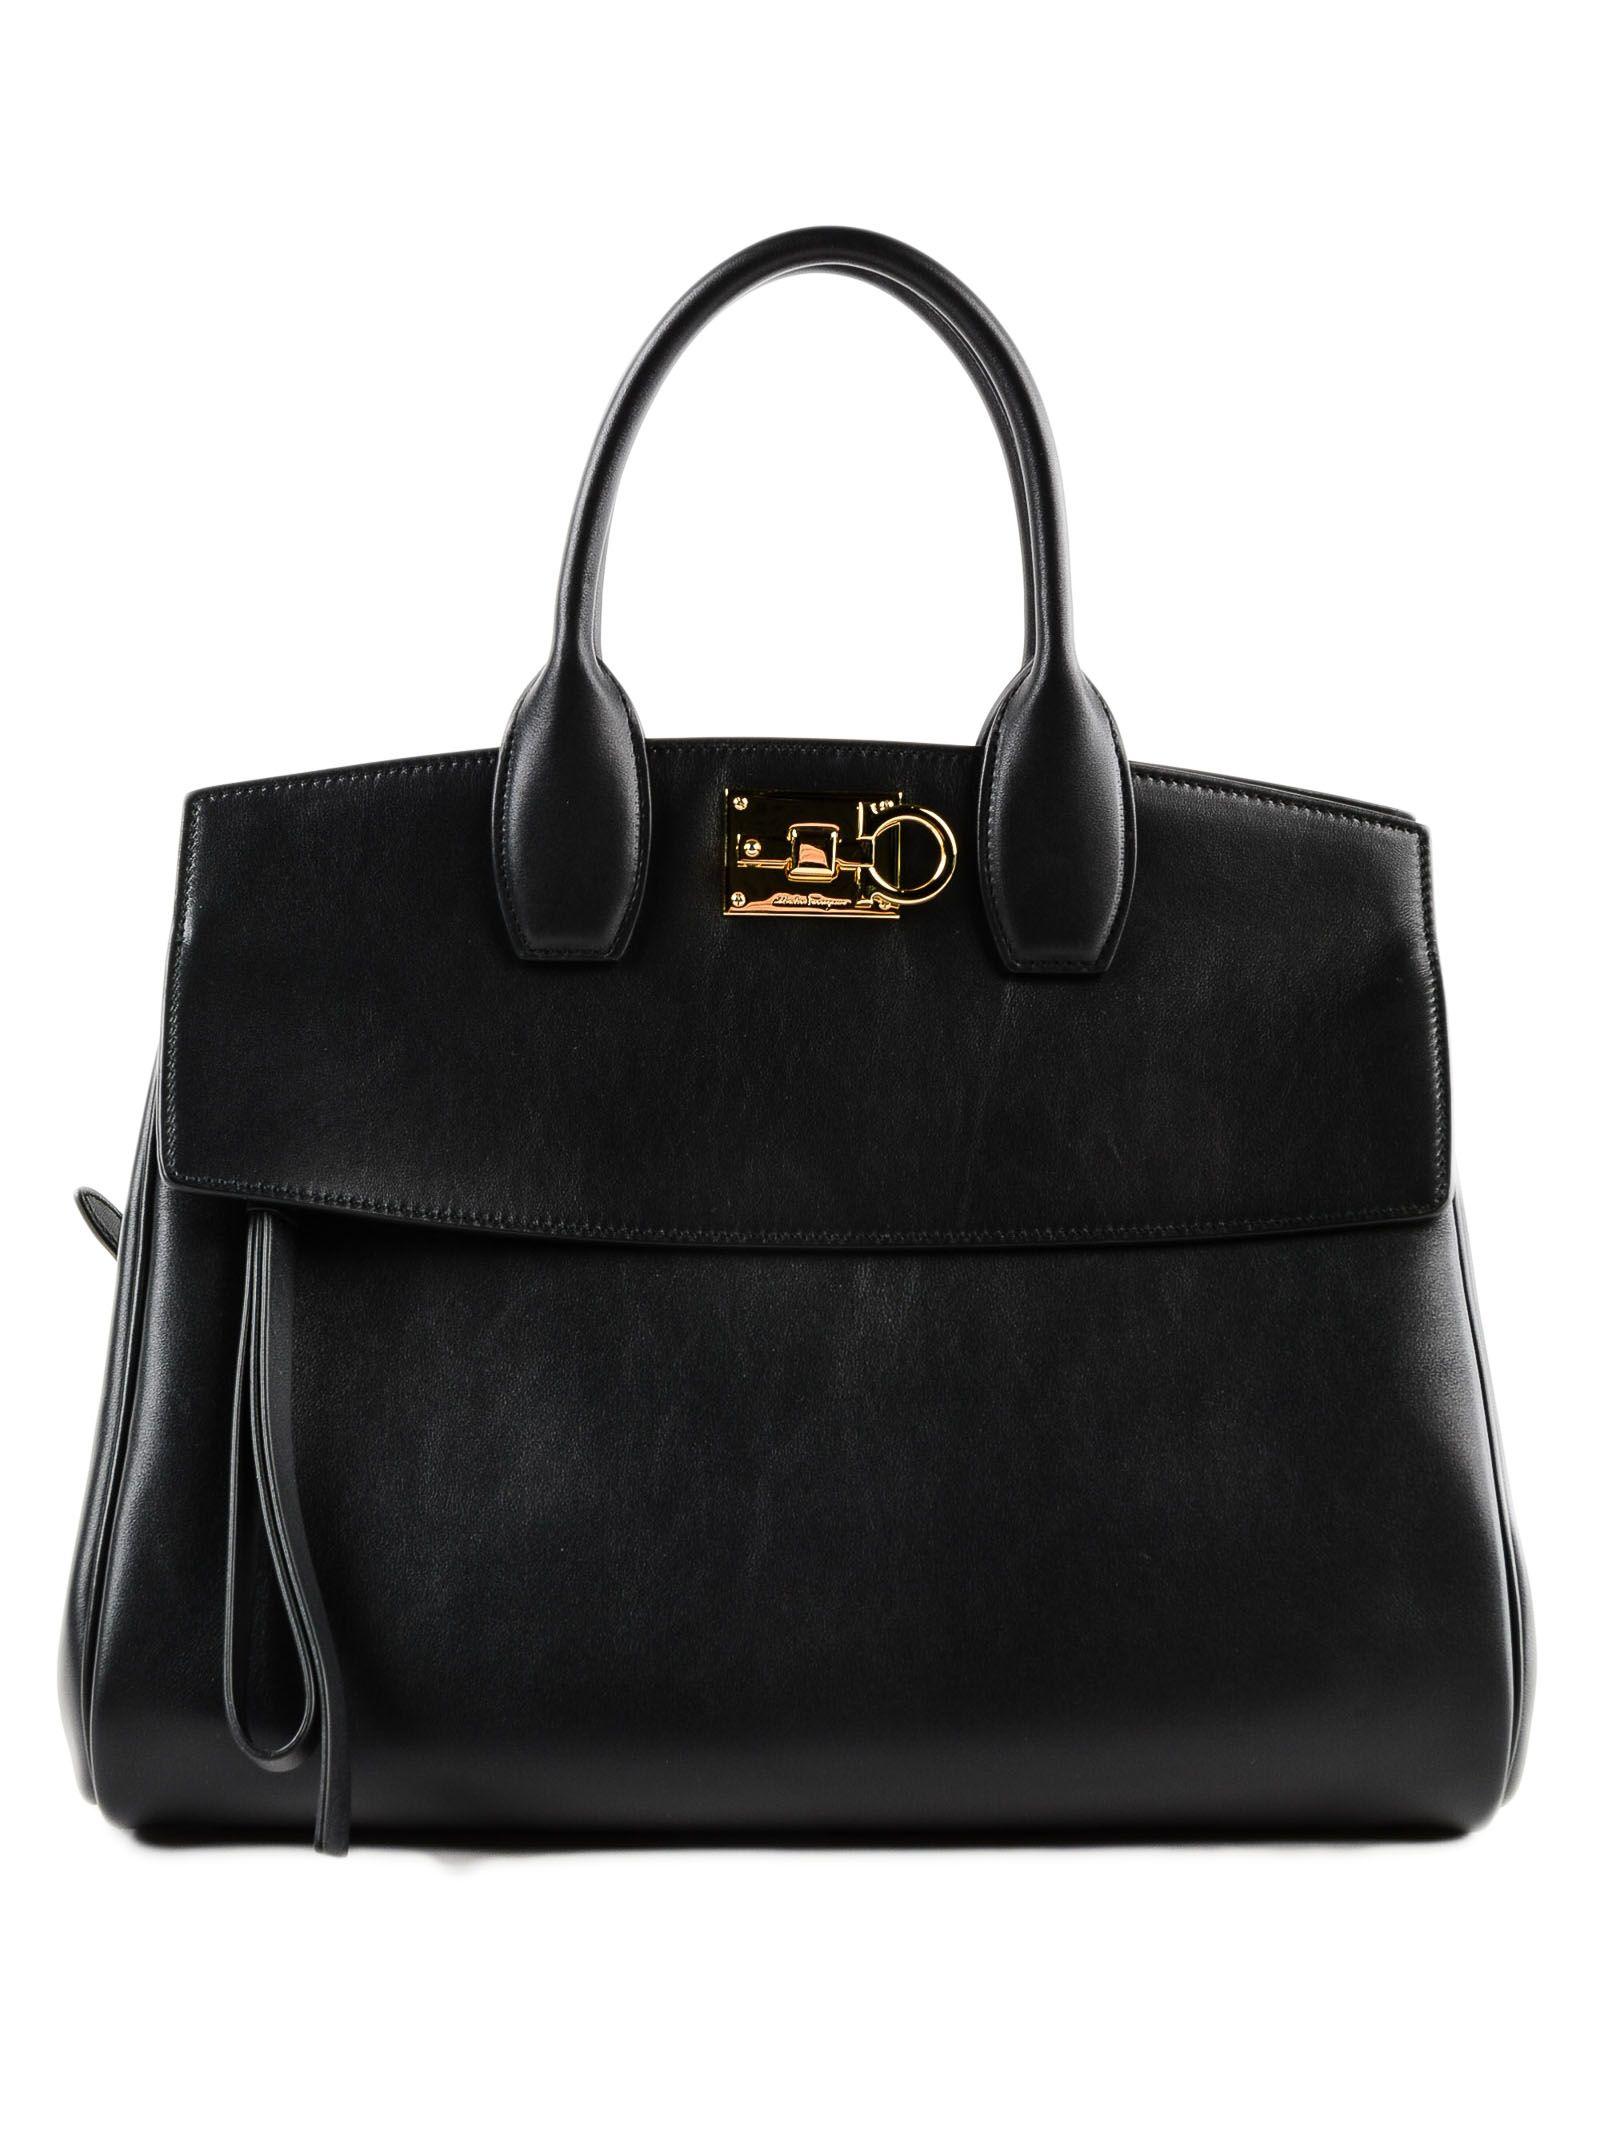 ... Salvatore Ferragamo Medium The Studio Leather Top Handle Bag In Black  innovative design 4dd76 61f67 ... 77c96ae75650d